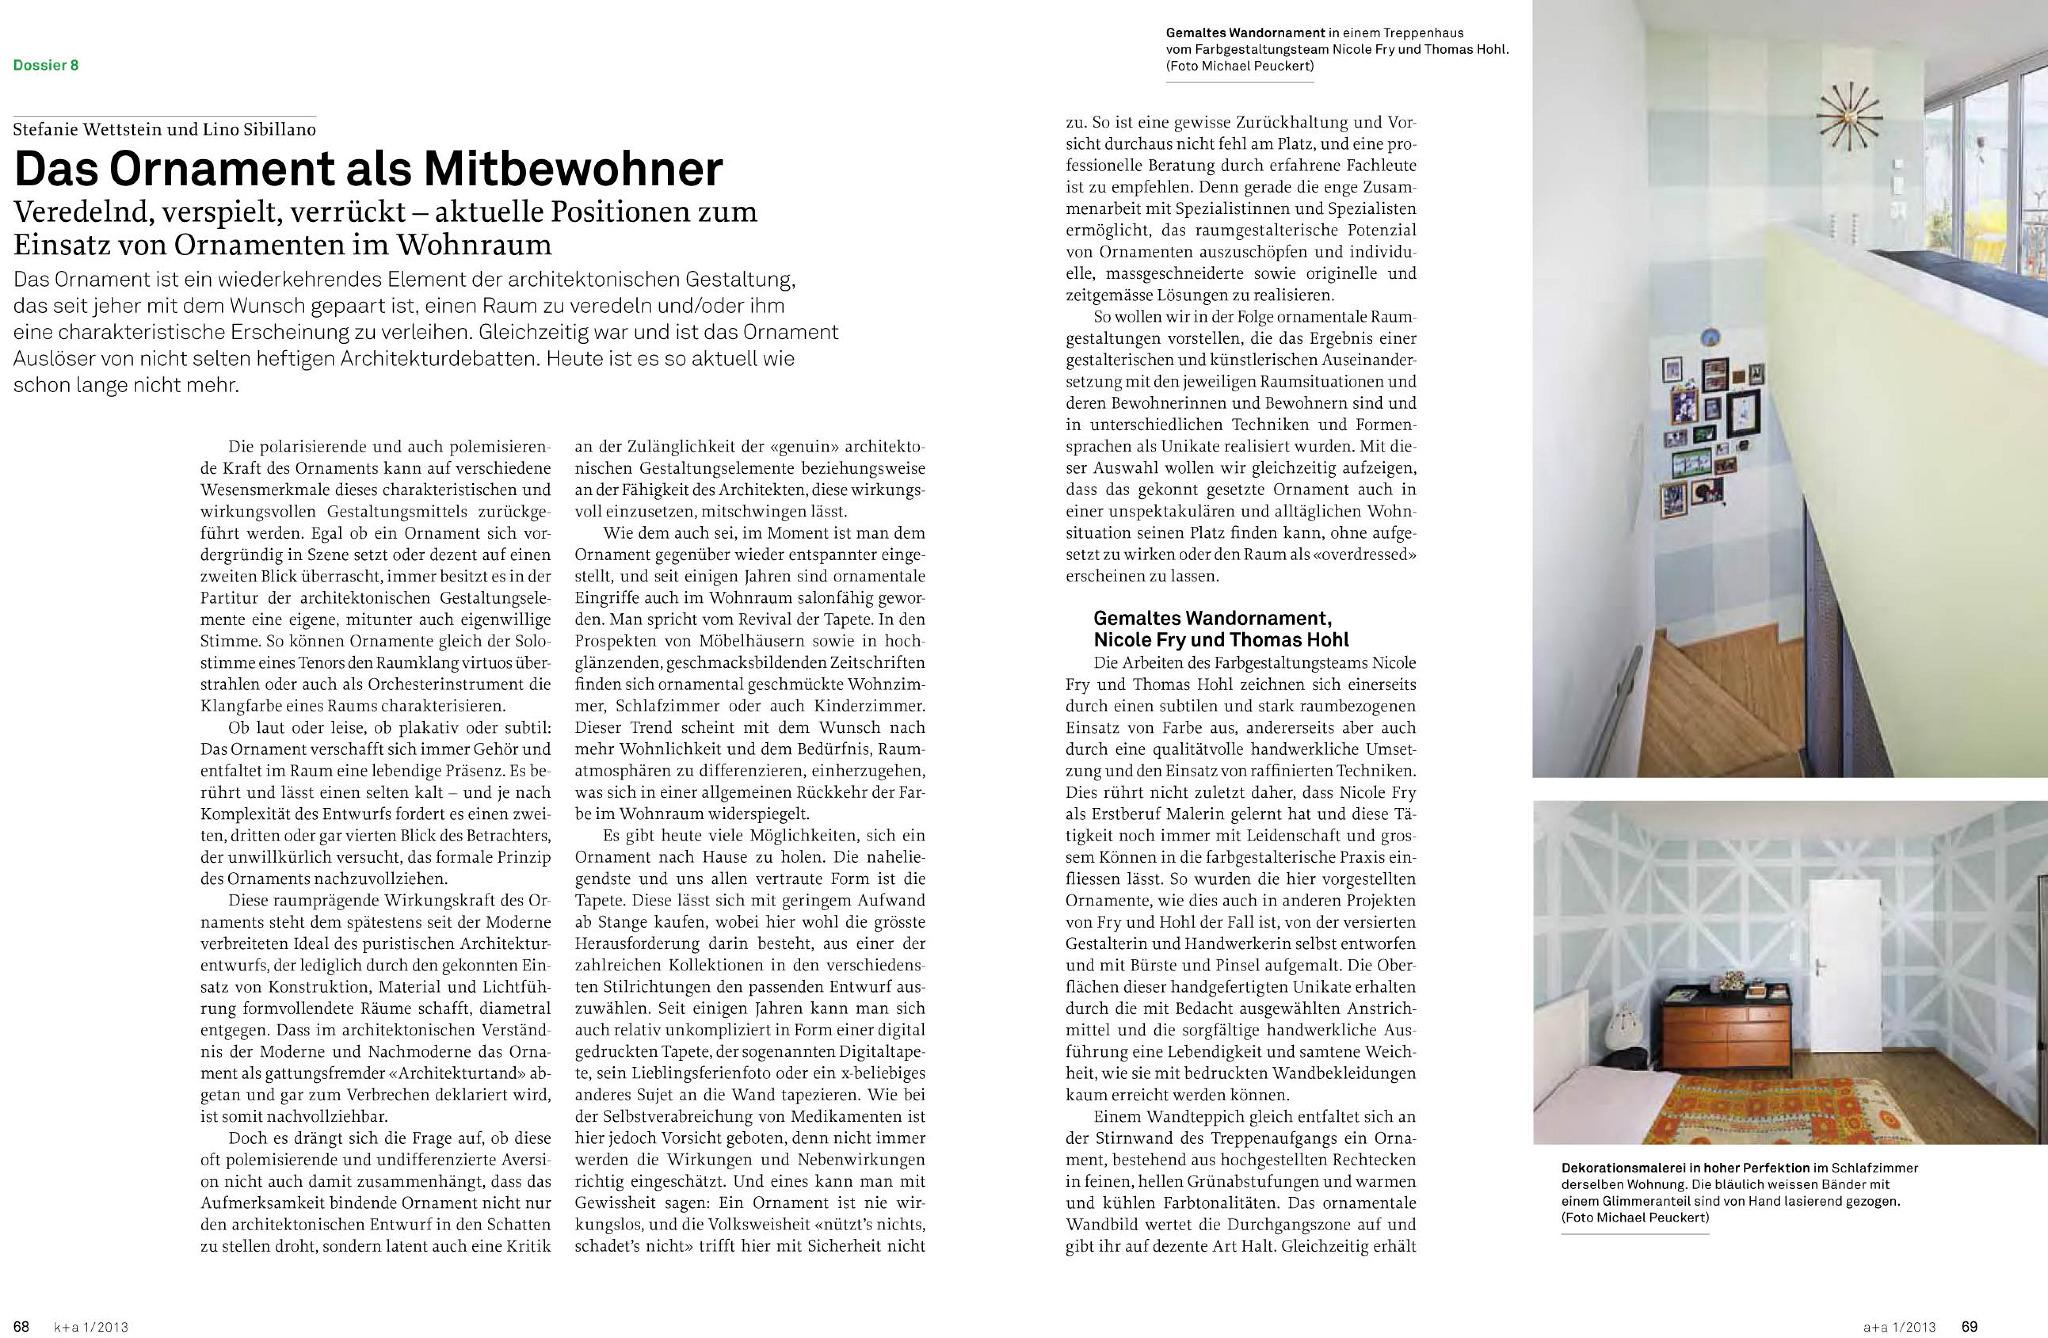 zeitschrift k+a, kunst und architektur in der schweiz, april 2013